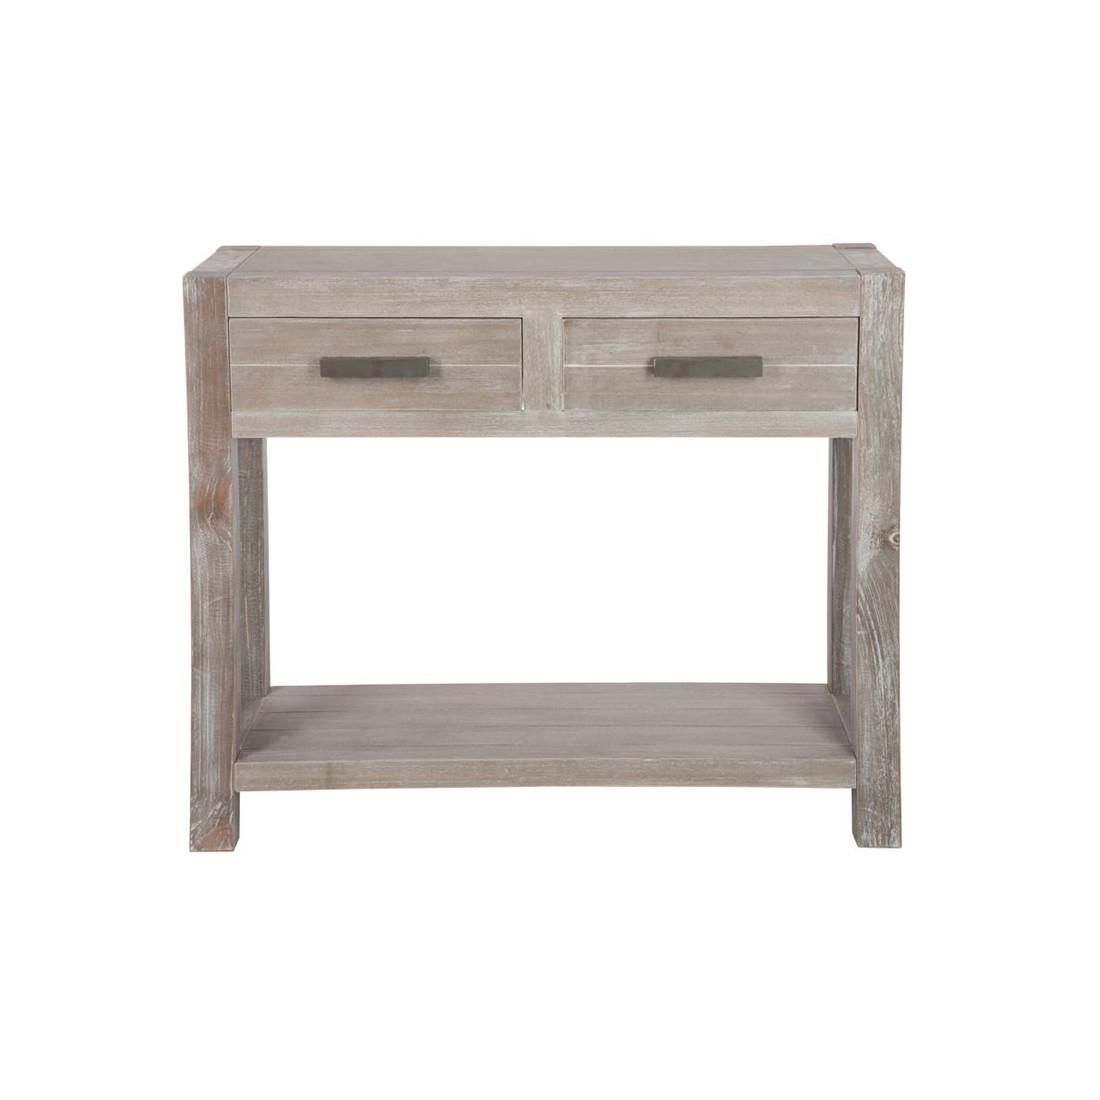 console 2 tiroirs bois gris c rus leon univers petits. Black Bedroom Furniture Sets. Home Design Ideas